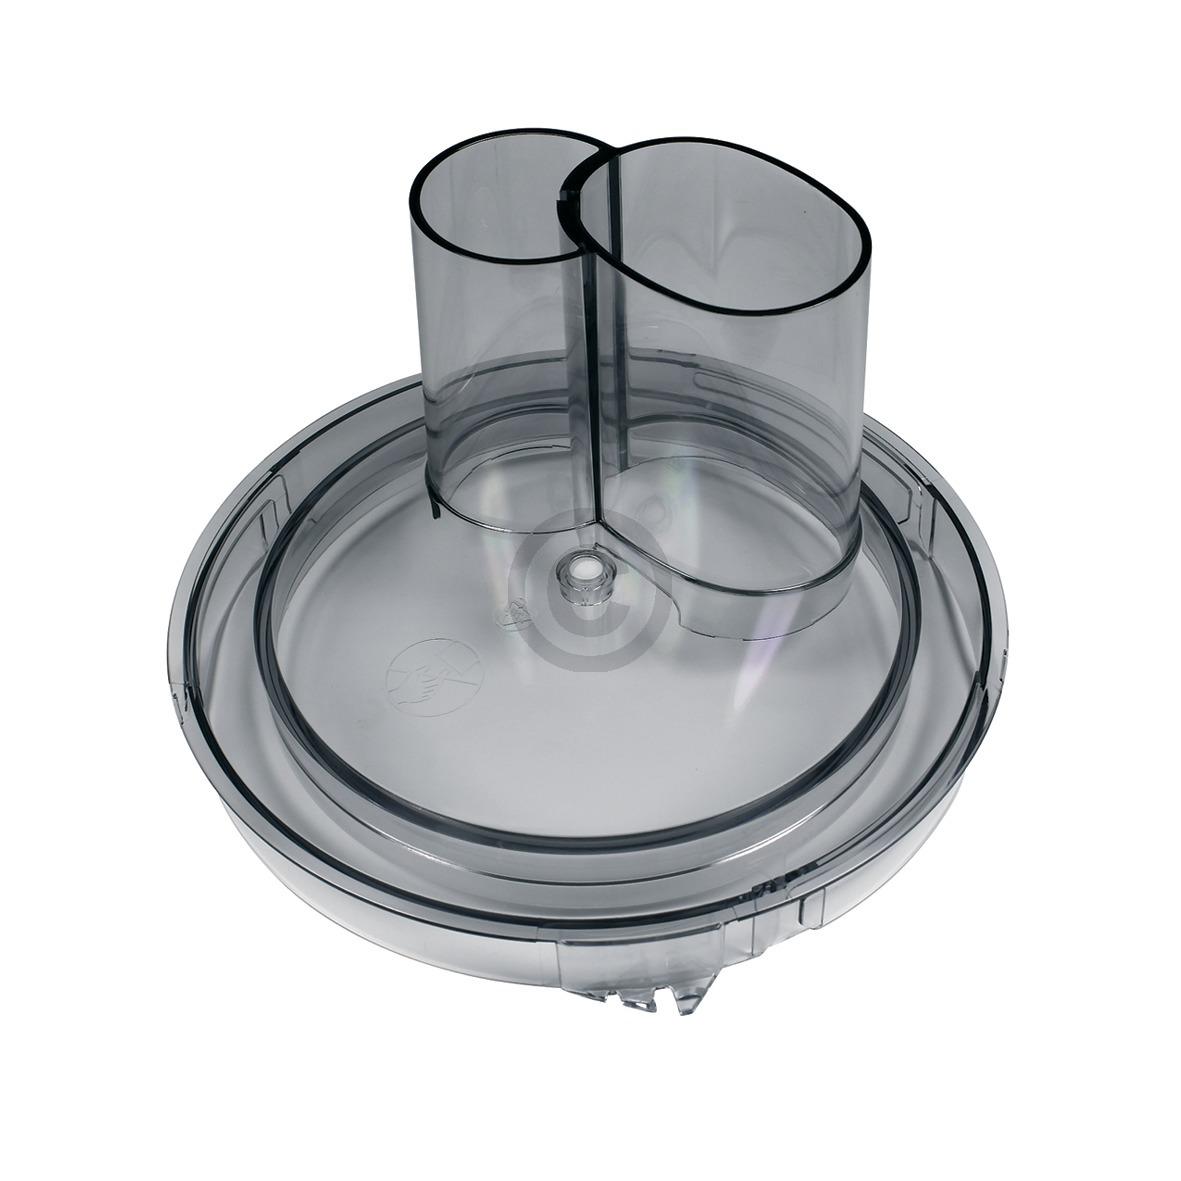 Deckel für Rührschüssel, mit zwei Einfüllöffnungen 00489136 489136 Bosch, Siemen